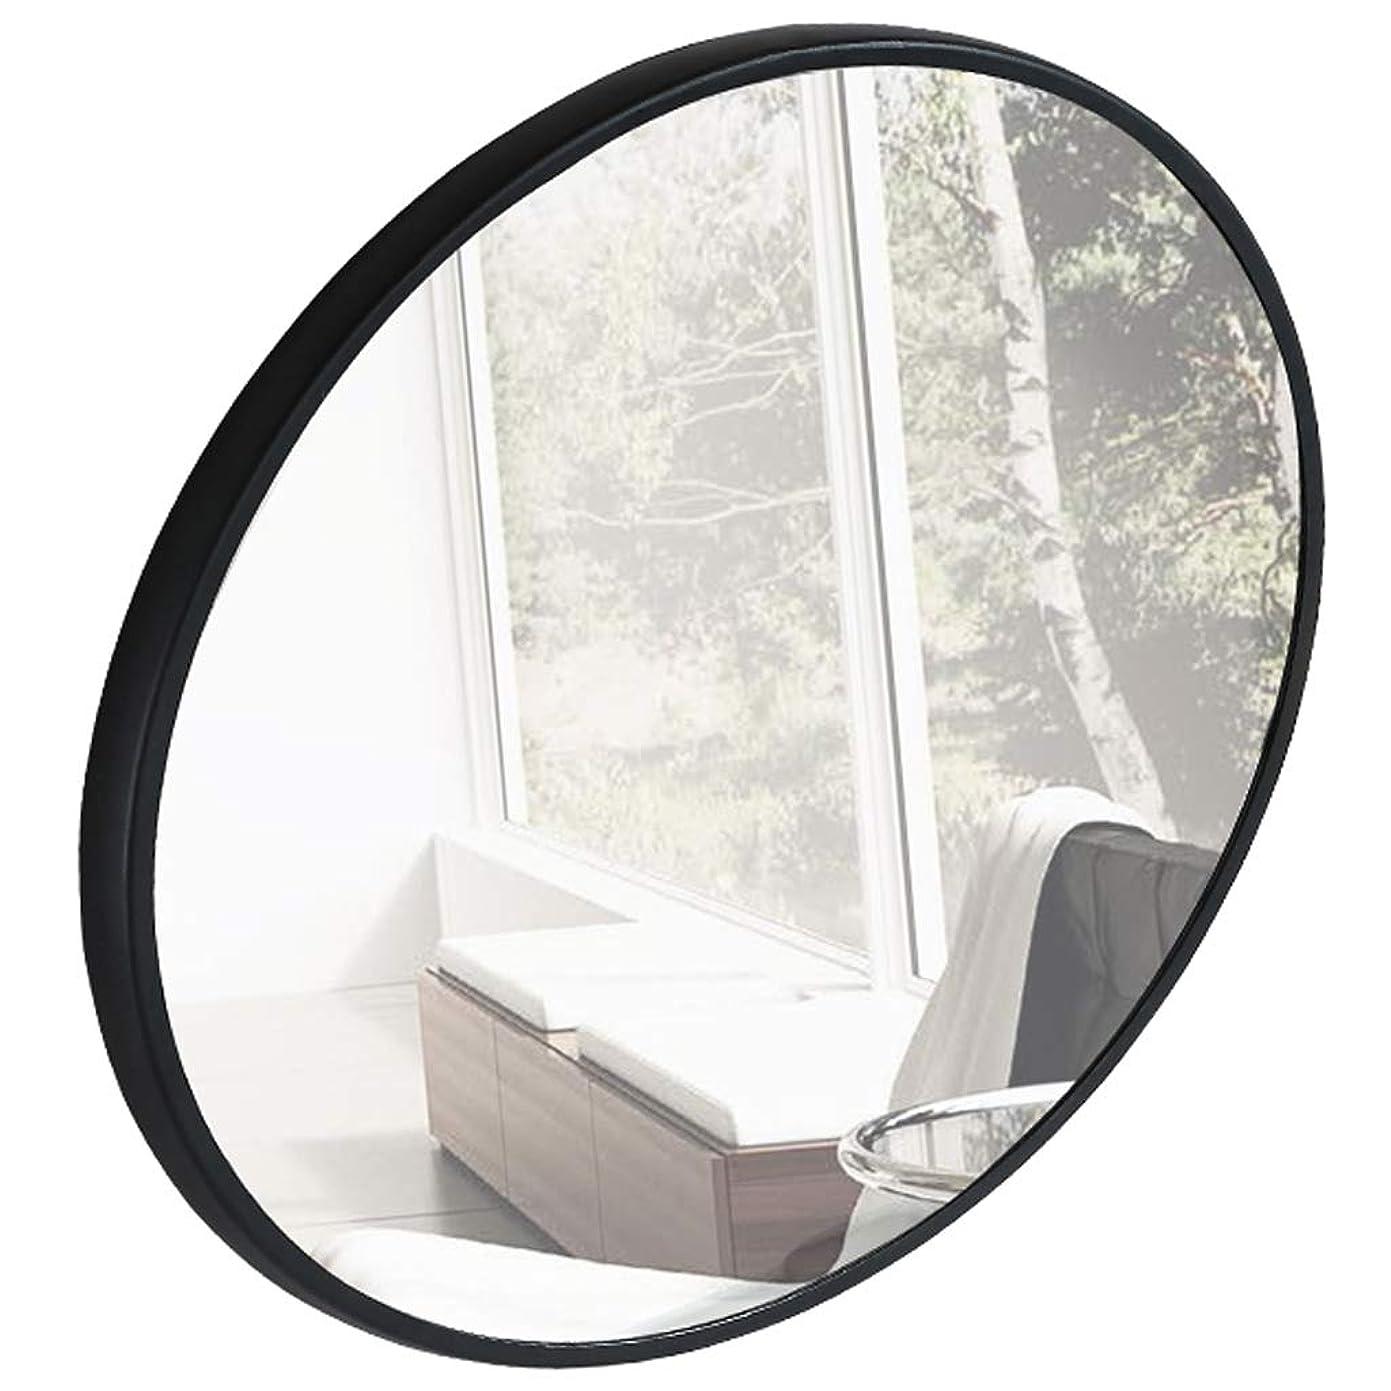 非行億流産大型丸壁鏡(ブラックメタルフレーム、直径:50-80cm)